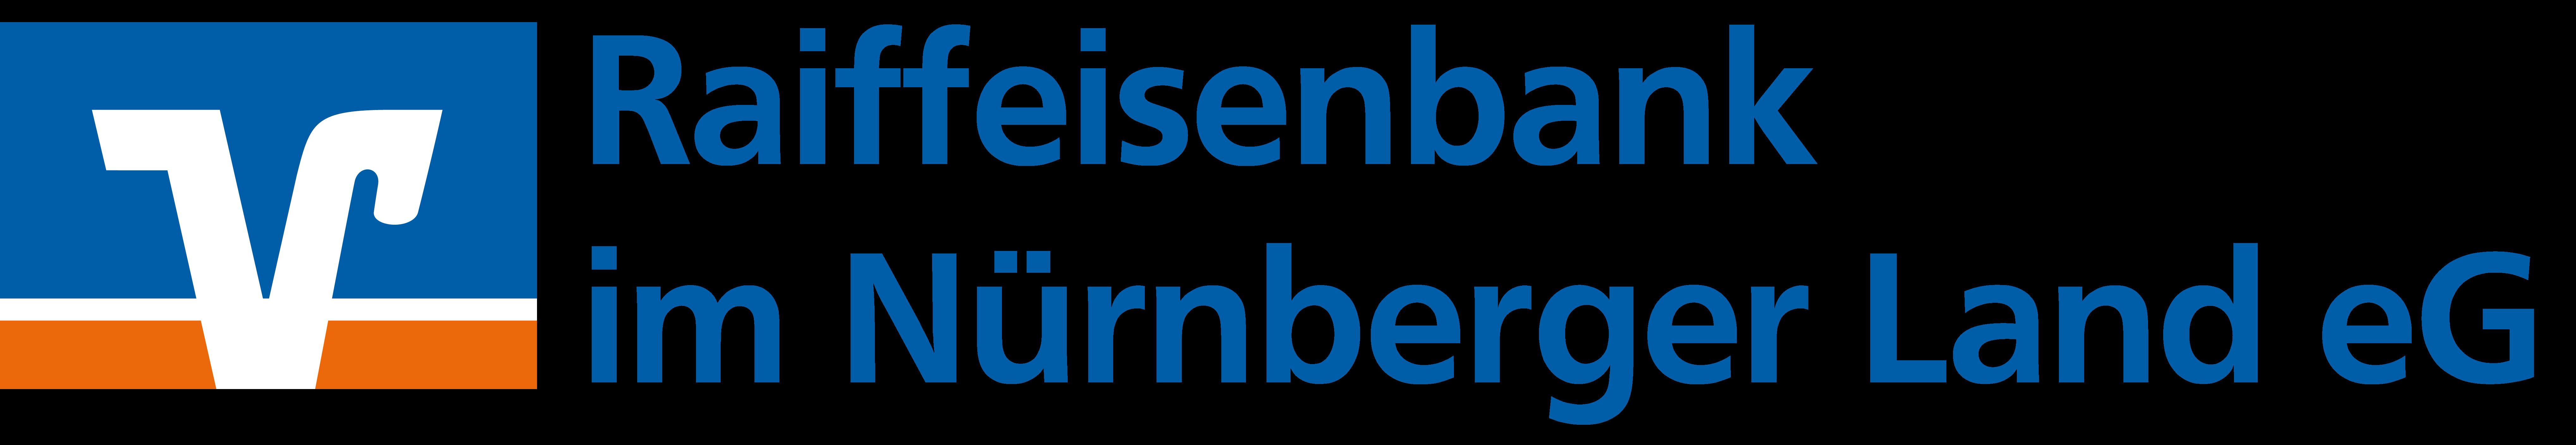 Raiffeisenbank im Nürnberger Land eG